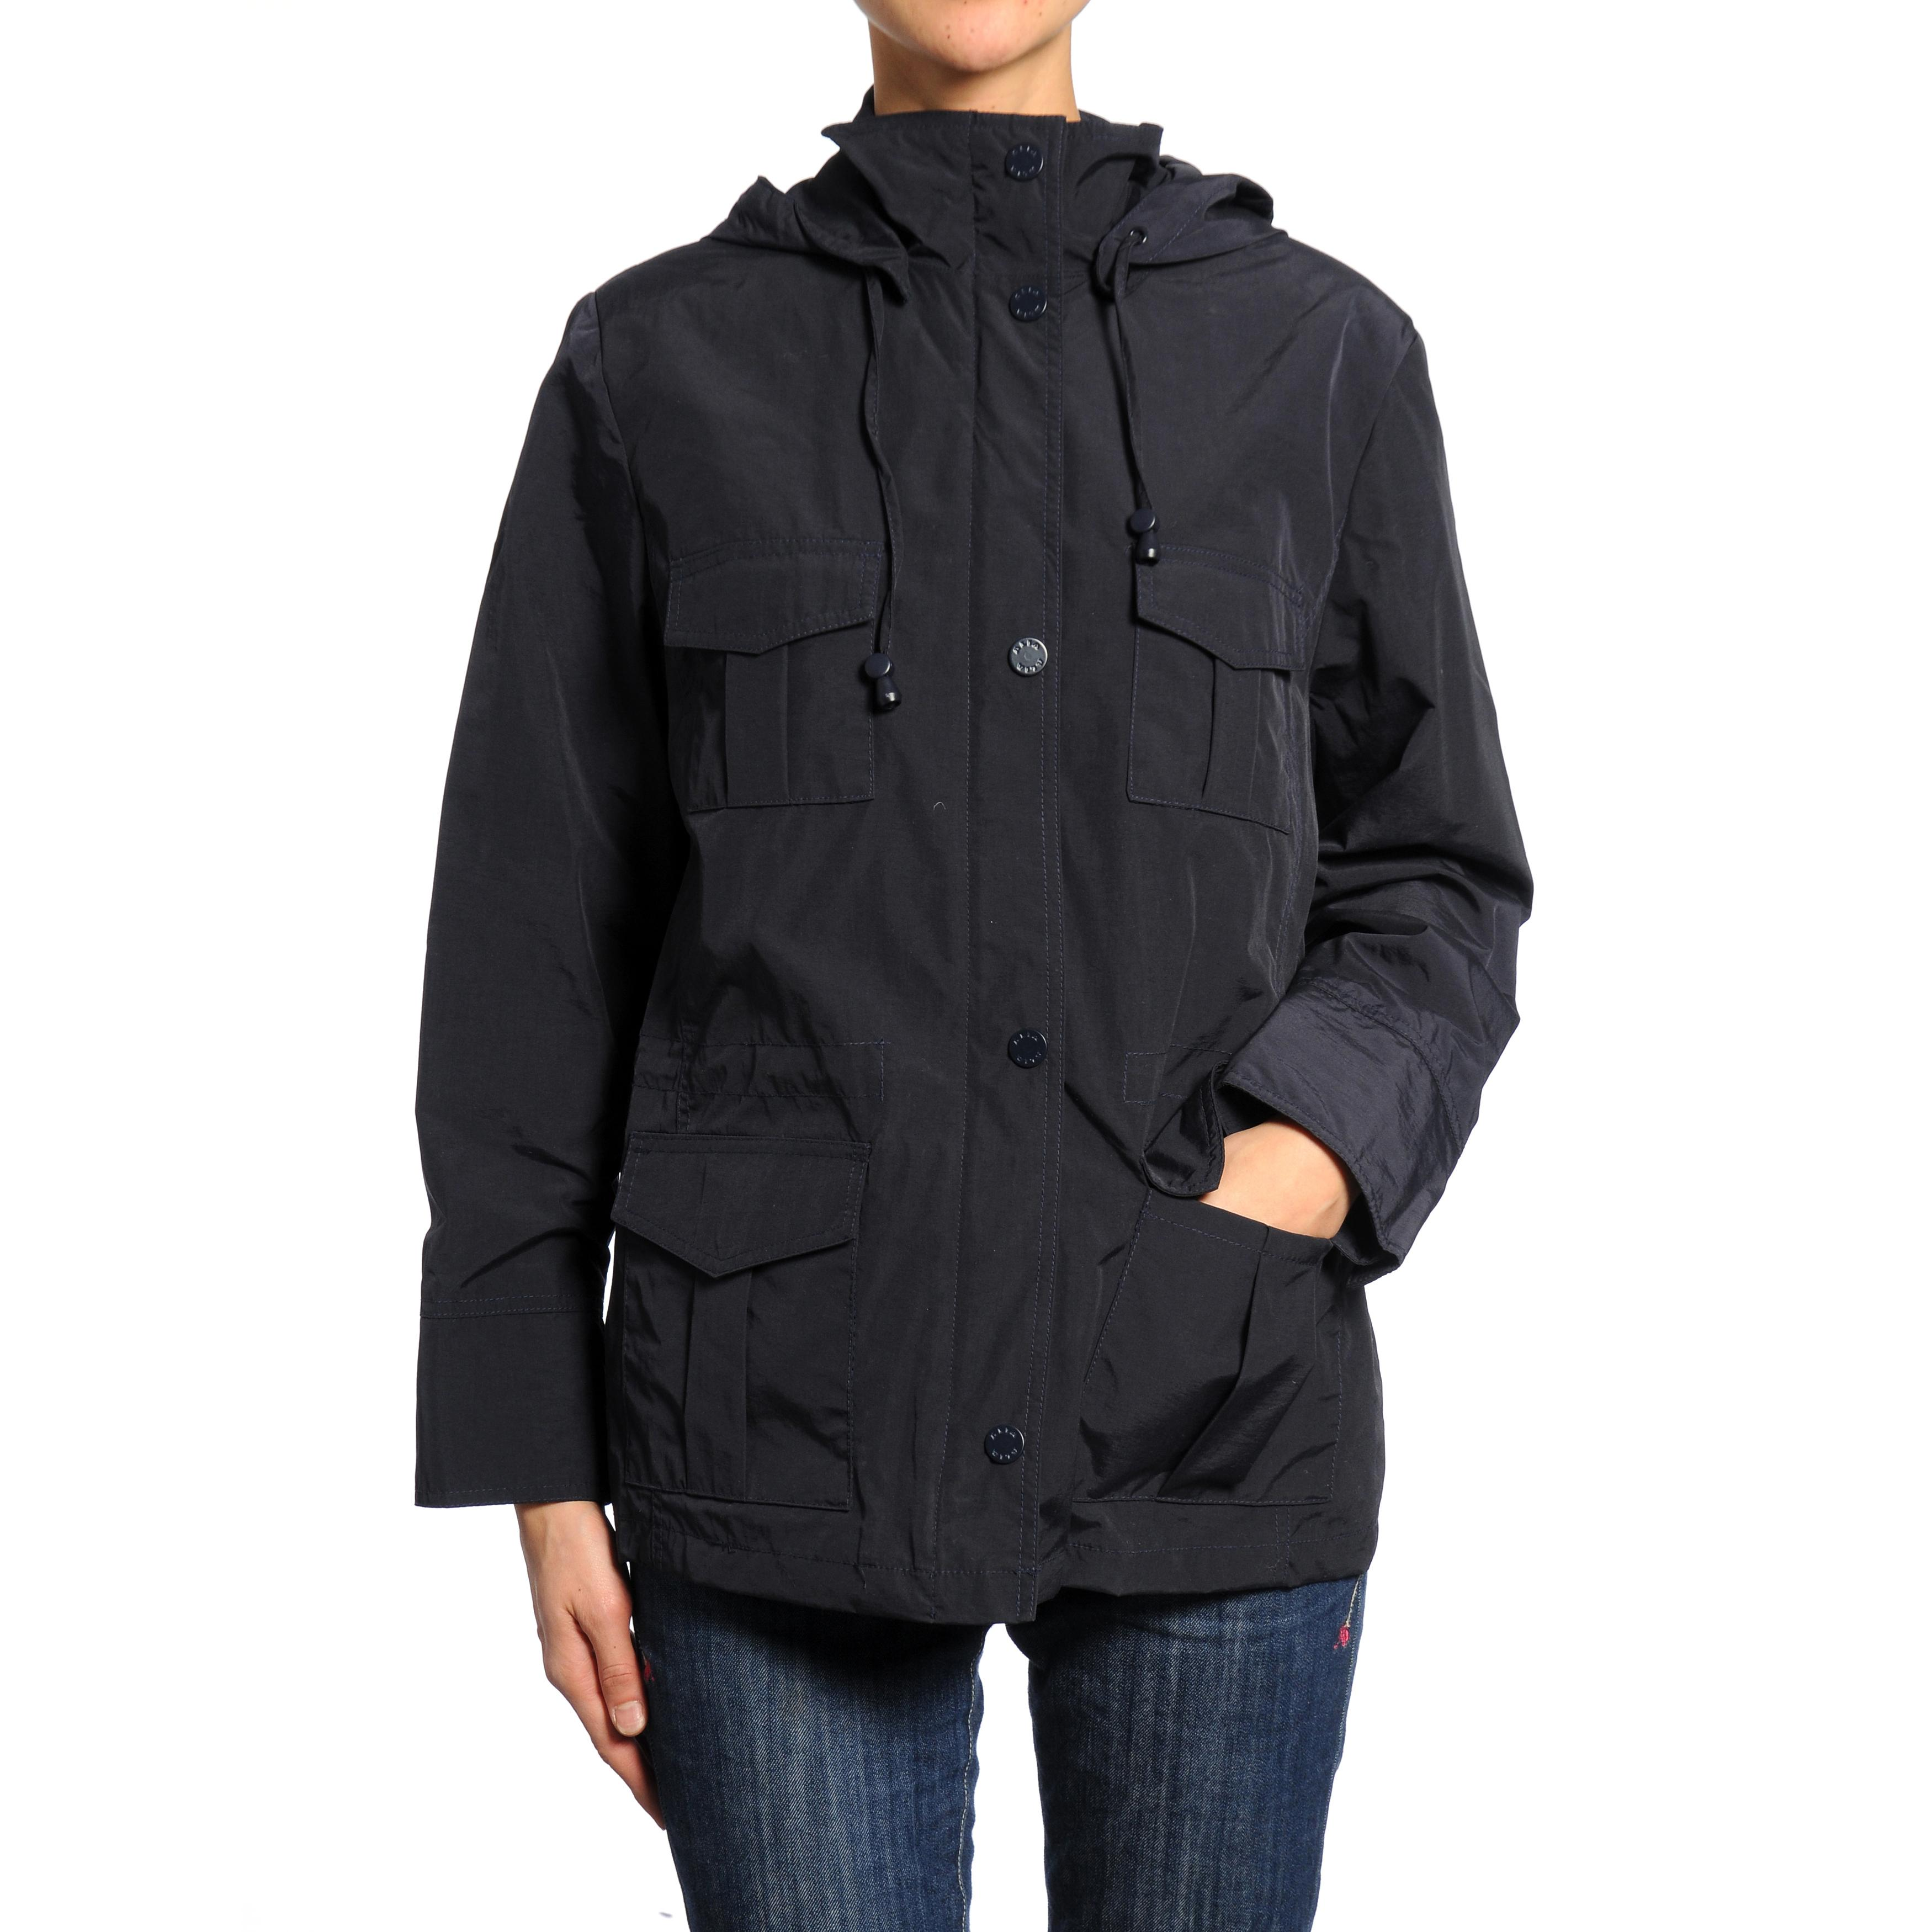 Nuage Women's 'Taslyn' Hooded Jacket